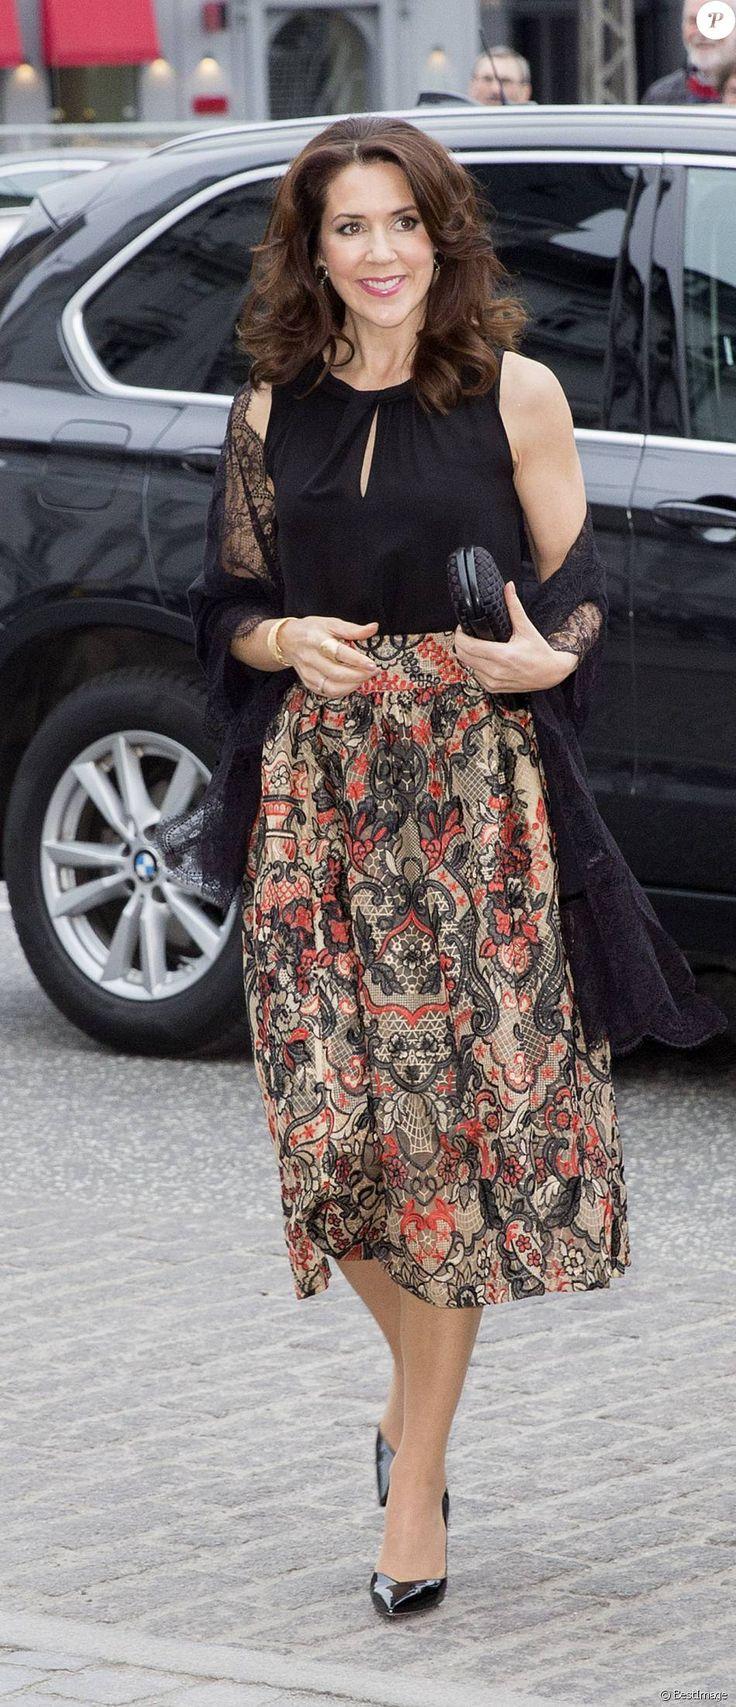 La princesse Mary de Danemark arrive à l'Hôtel d'Angleterre à Copenhague pour le dîner final de la visite officielle du président mexicain Enrique Peña Nieto, le 14 avril 2016.